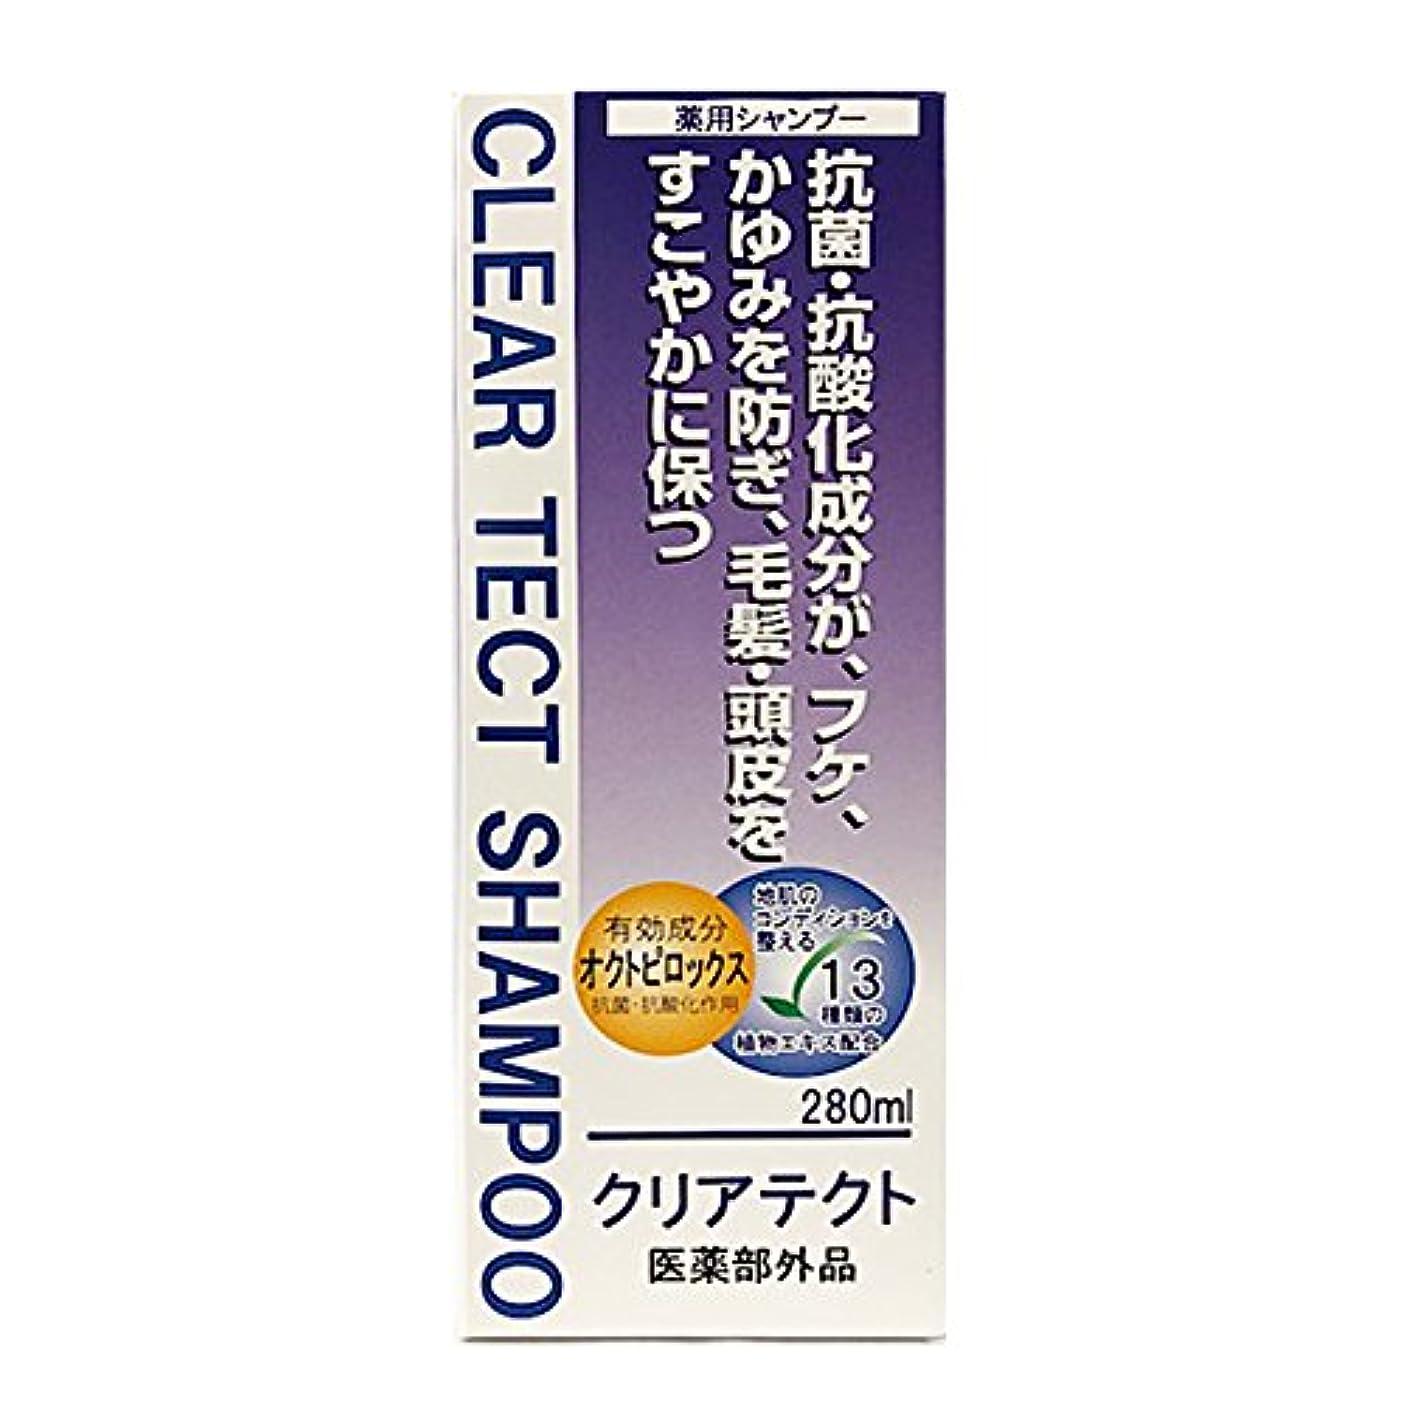 ほめるサークル大邸宅【医薬部外品】クリアテクト薬用シャンプーa 280ml